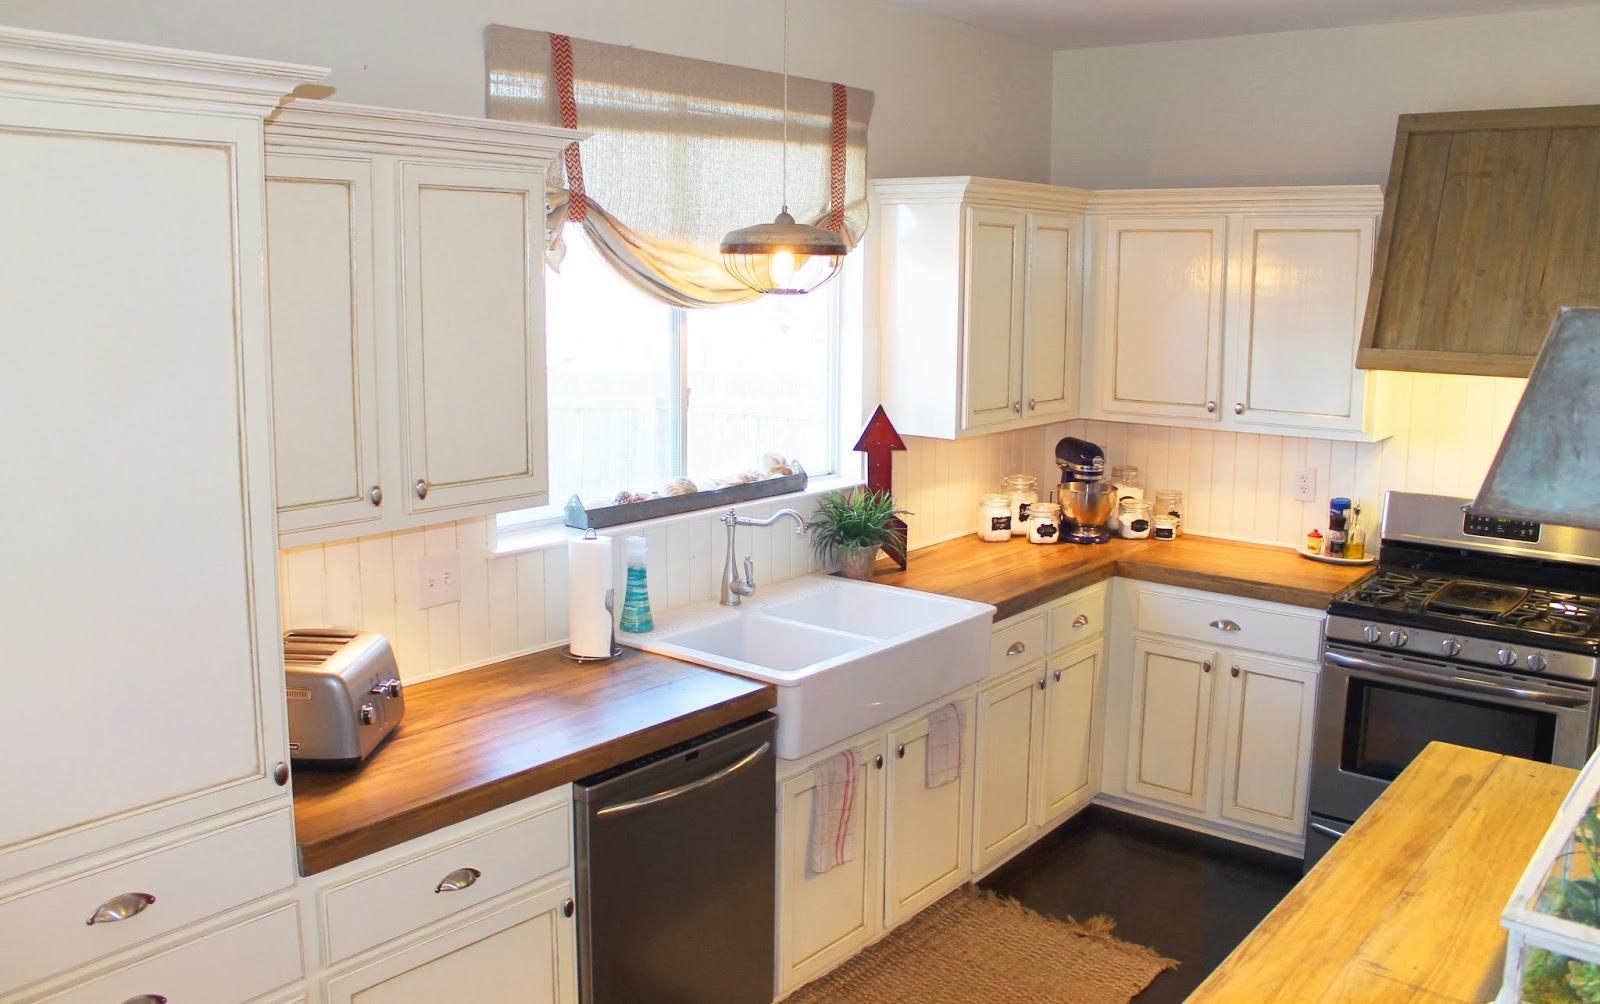 Деревянные кухонные столешницы в светлых тоннах украшают интерьер - фото 9